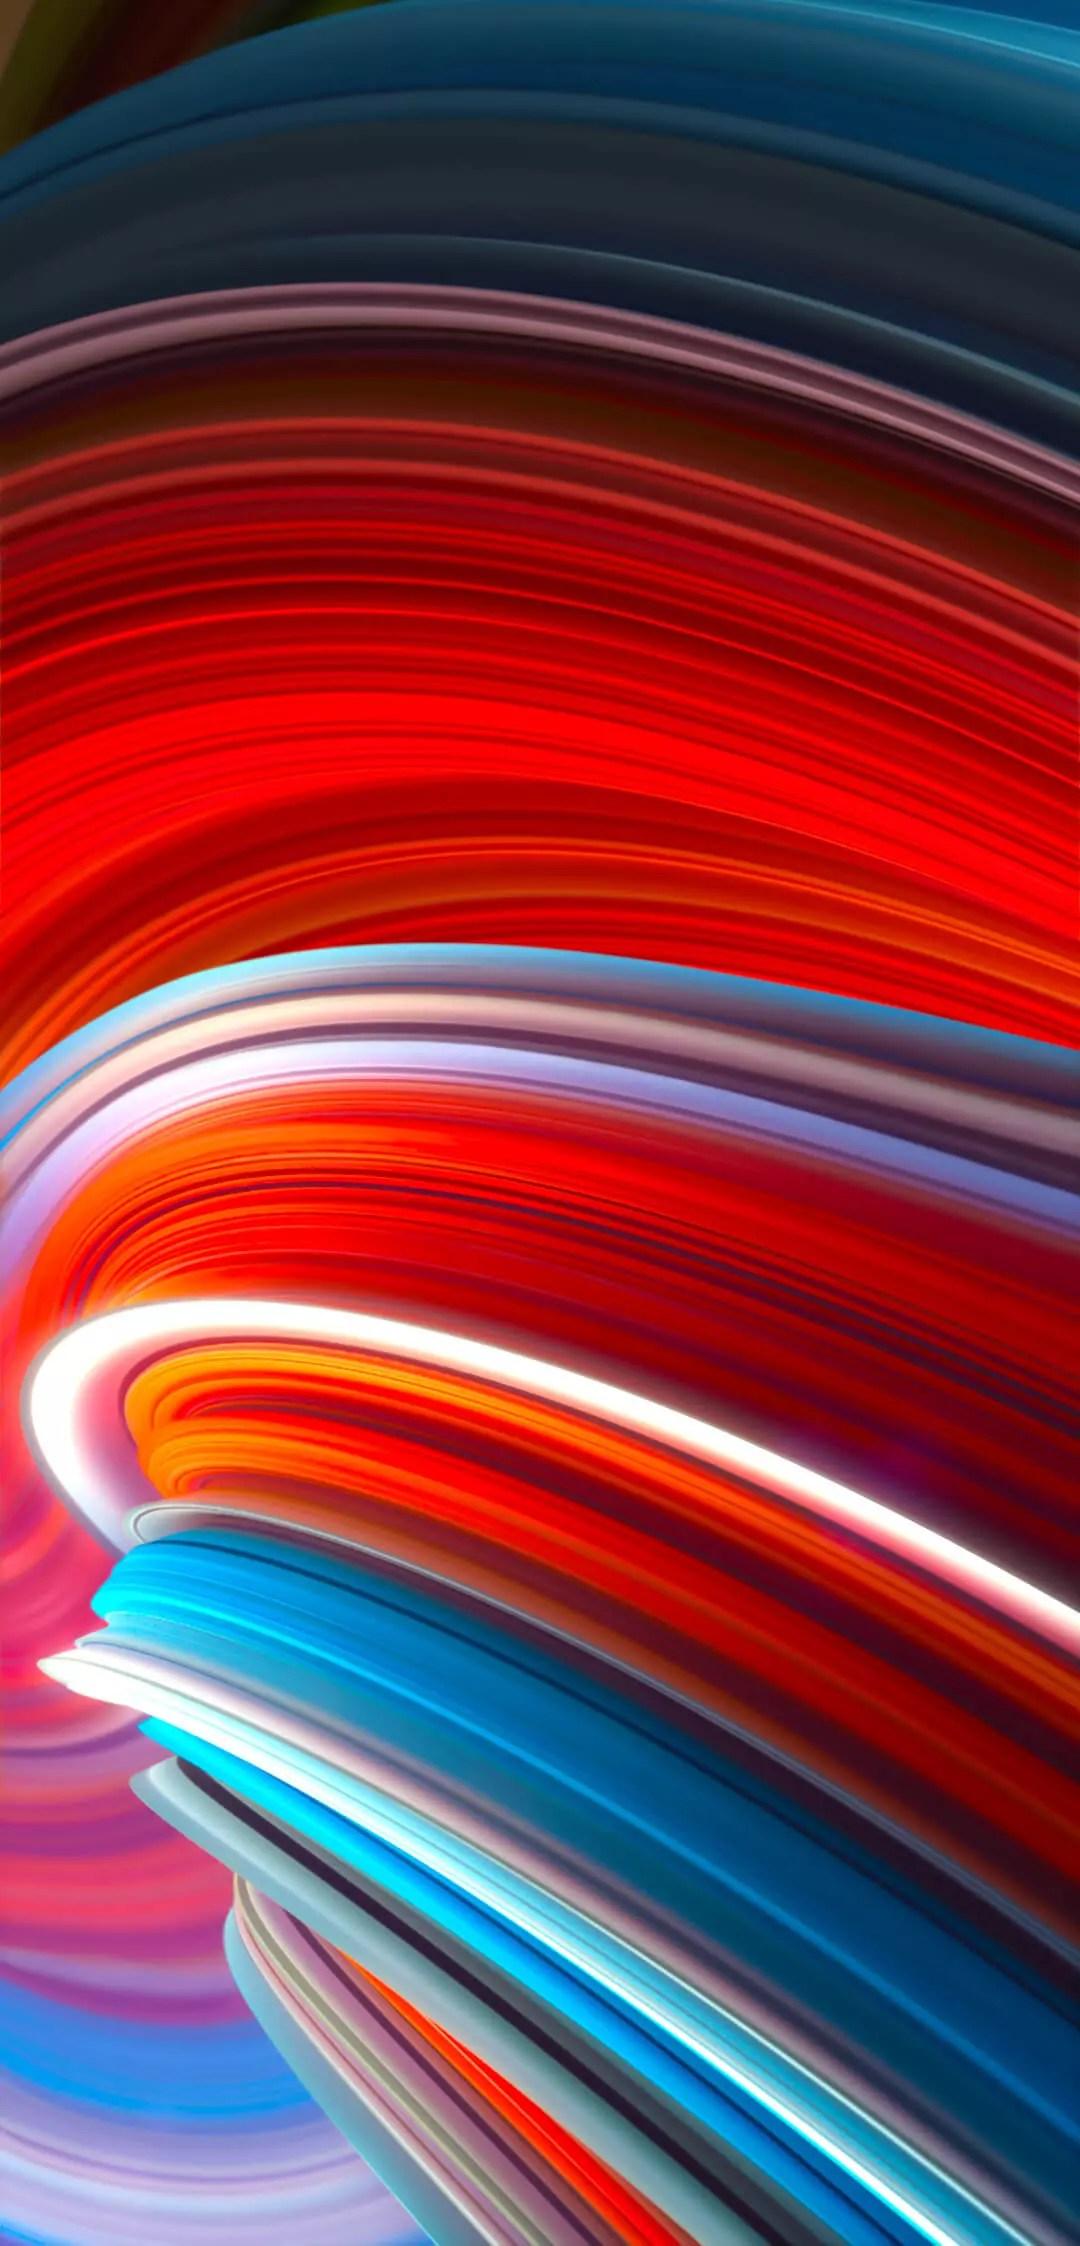 Poco F1 De Xiaomi Descarga Ya Su Launcher Y Fondos De Pantalla